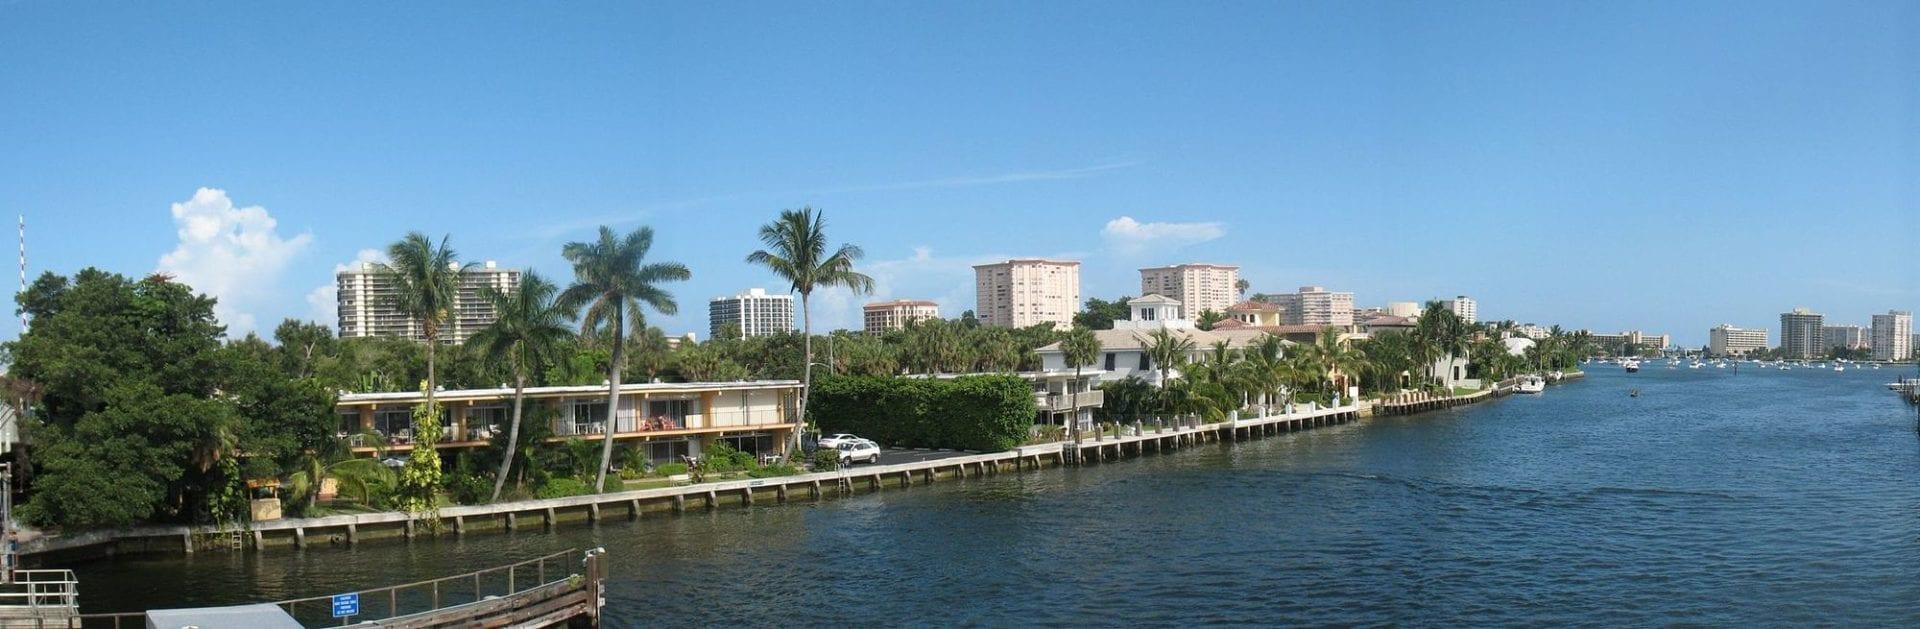 Boca Water way